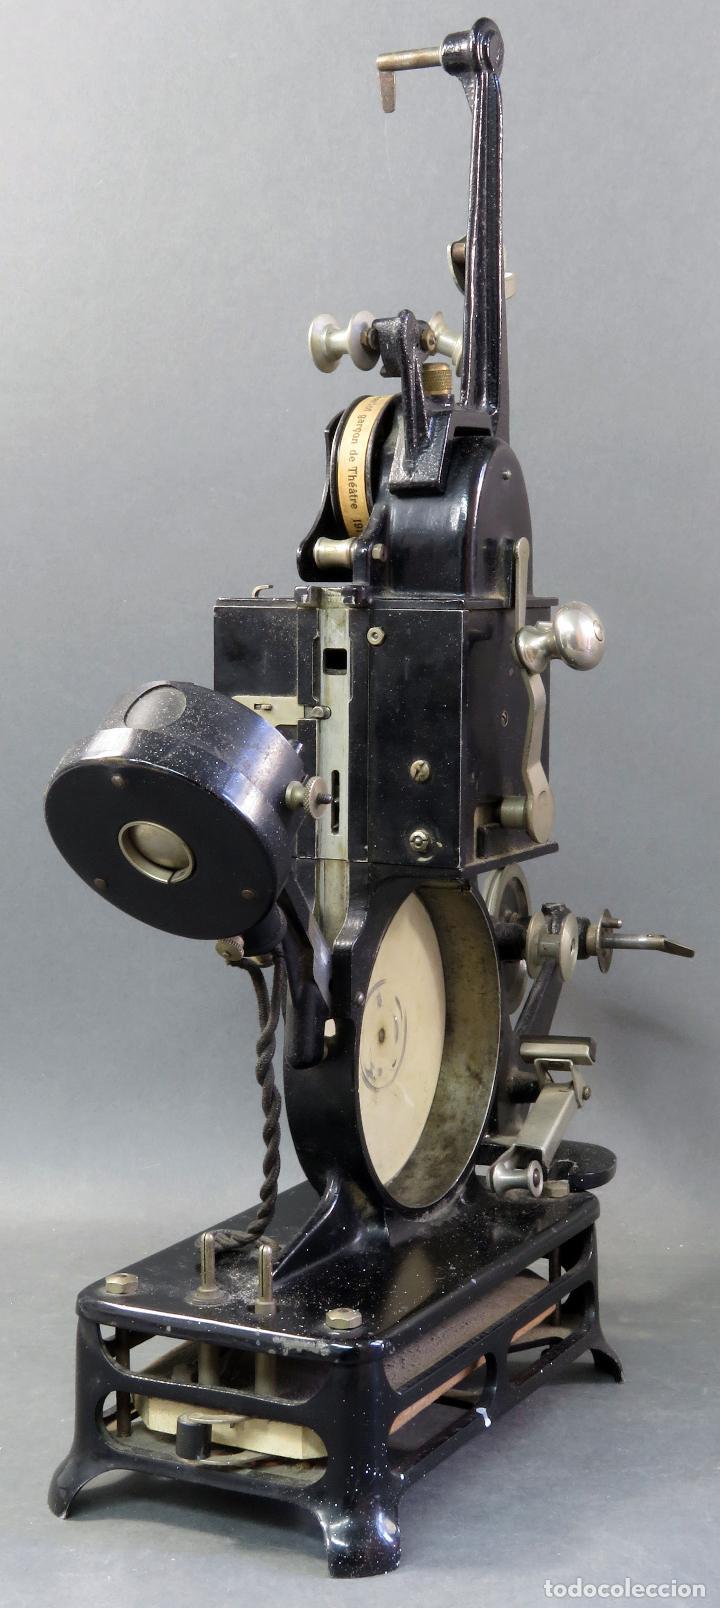 Antigüedades: Proyector Pathé Baby 9,5 mm con una película hacia 1920 - Foto 6 - 128980255